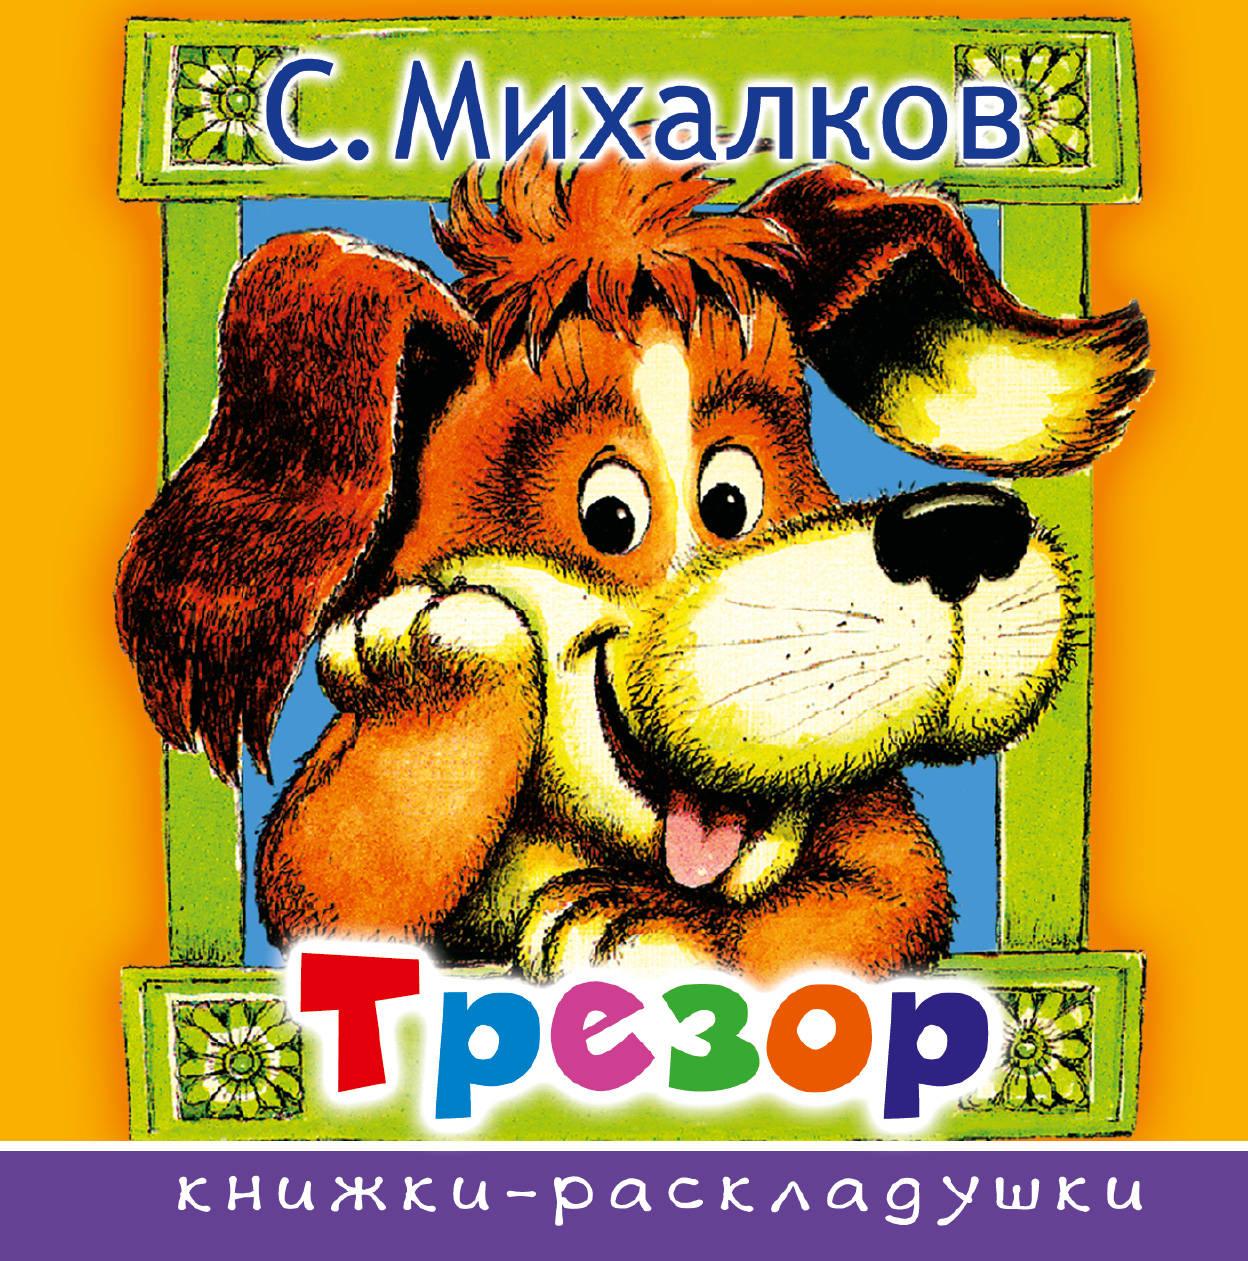 Михалков С.В. Трезор ланком трезор ин лав в украине